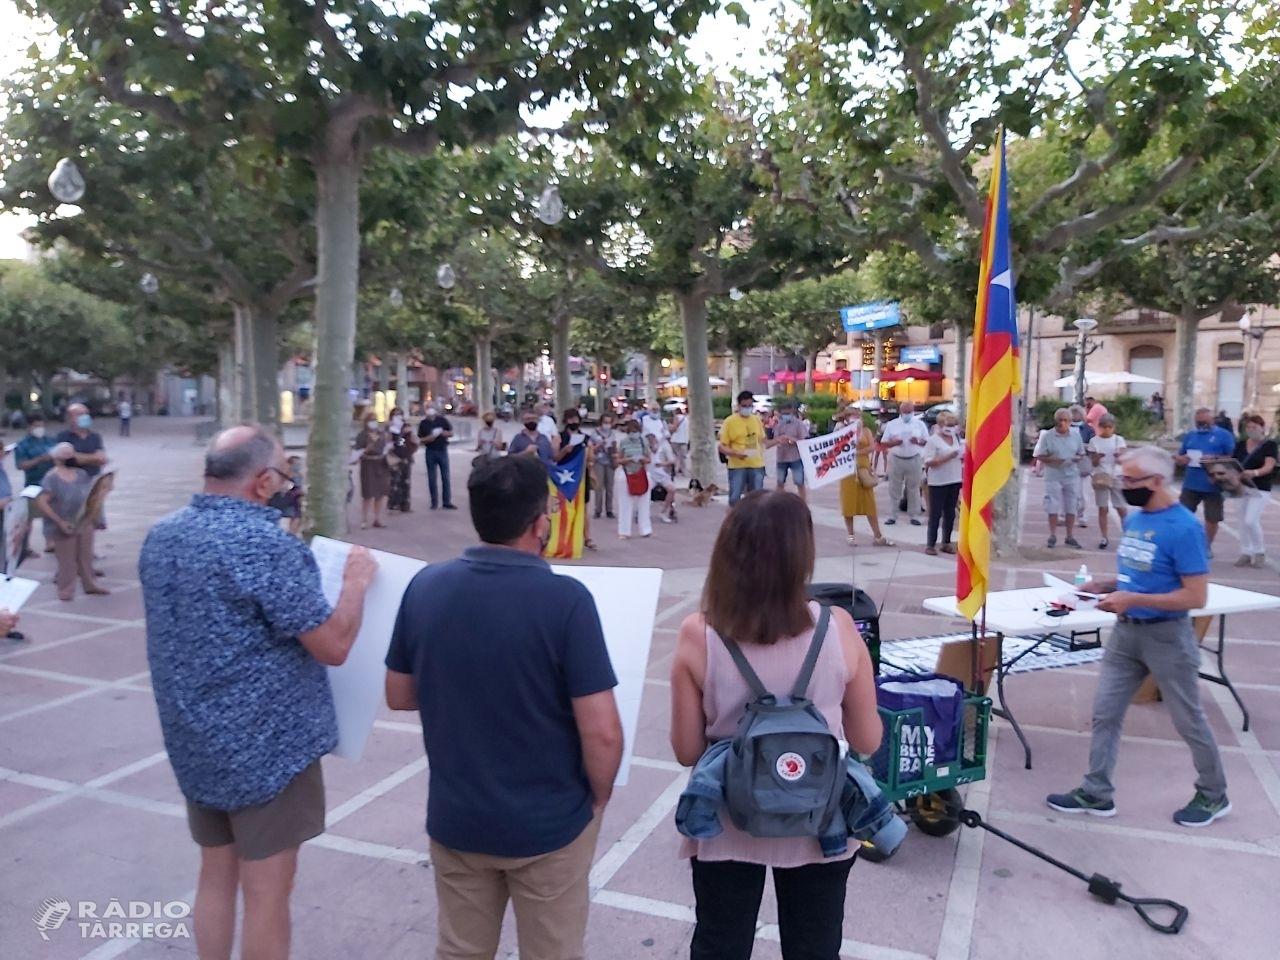 L'ANC de Tàrrega es concentrava ahir diumenge dia 16 coincidint amb la data en que es complien dos anys i deu mesos de l'empresonament de Jordi Sánchez i Jordi Cuixart